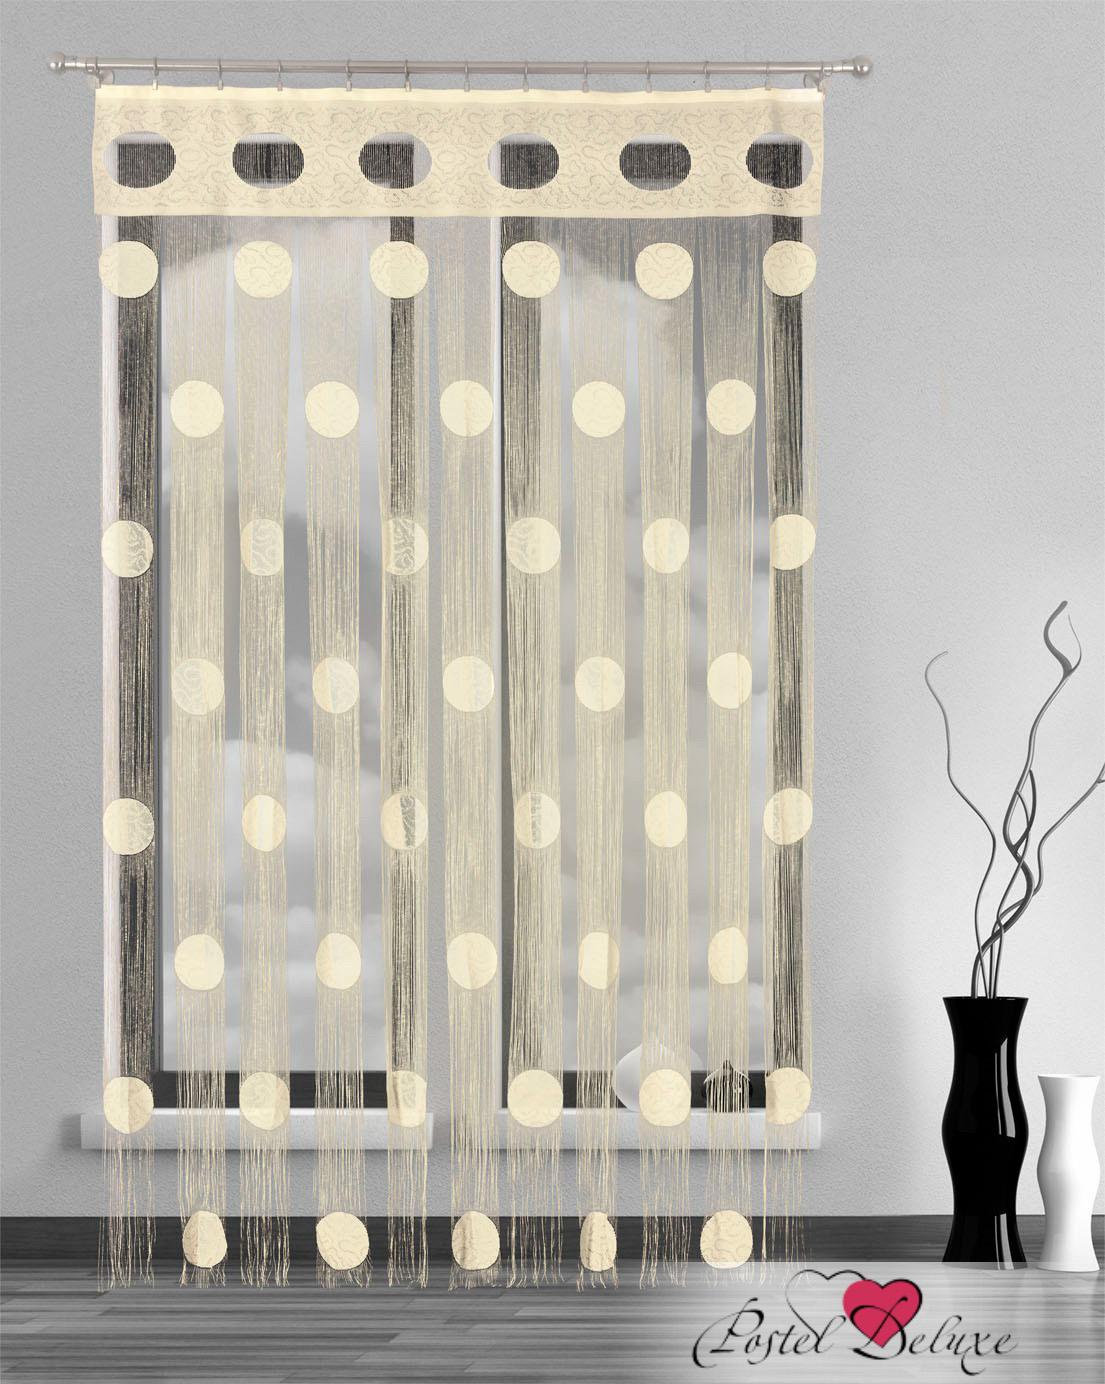 Шторы Wisan Нитяные шторы Цвет: Кремовый, Молочный wisan wisan классические шторы melicent цвет кремовый